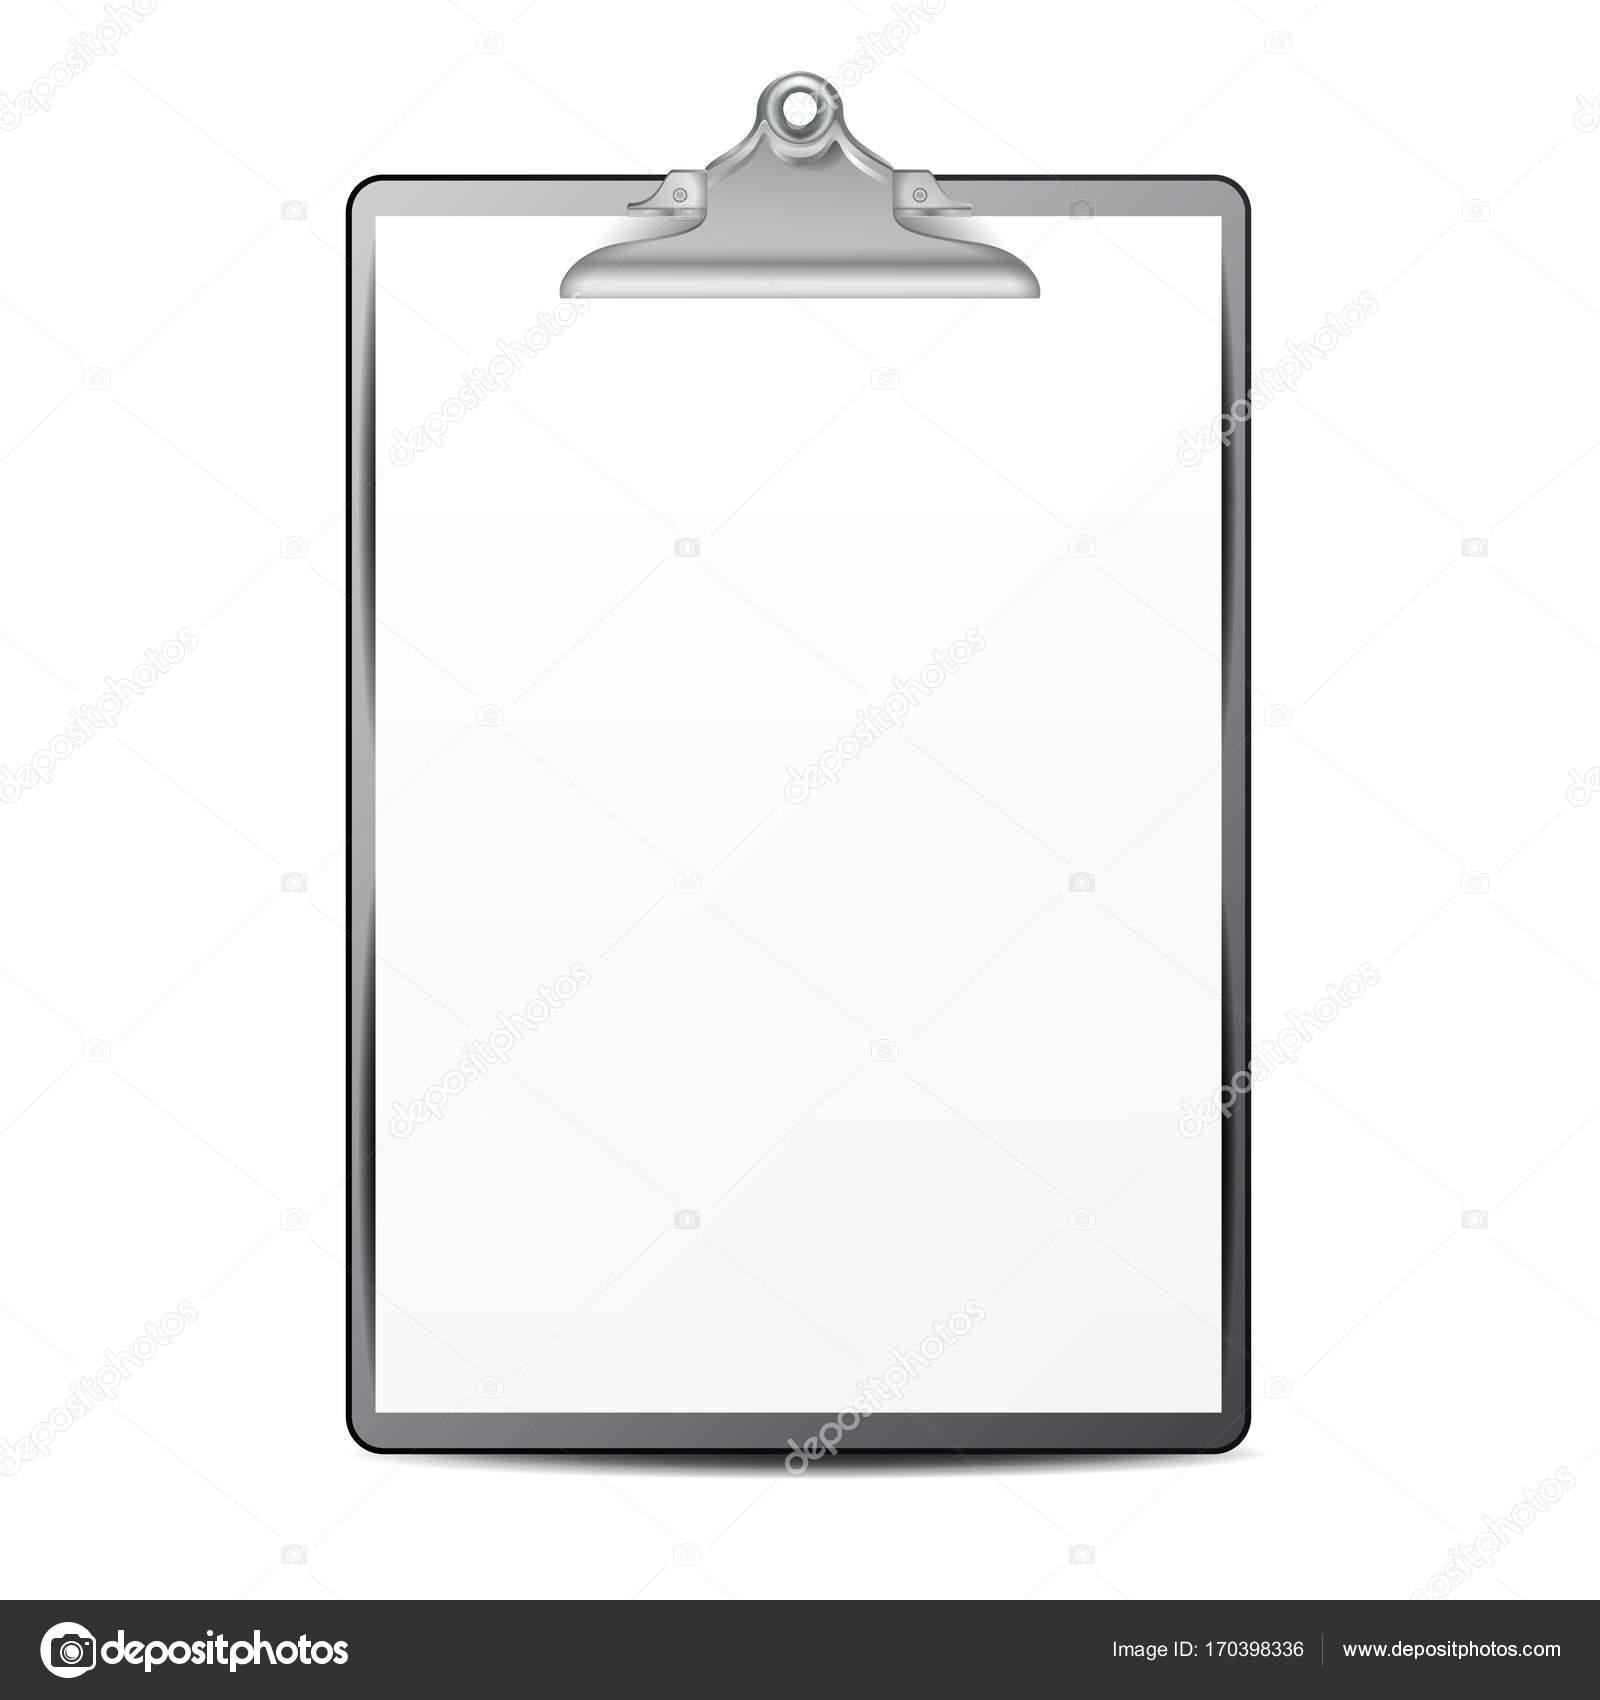 prancheta com papel de vetor folha de papel em branco zombe para